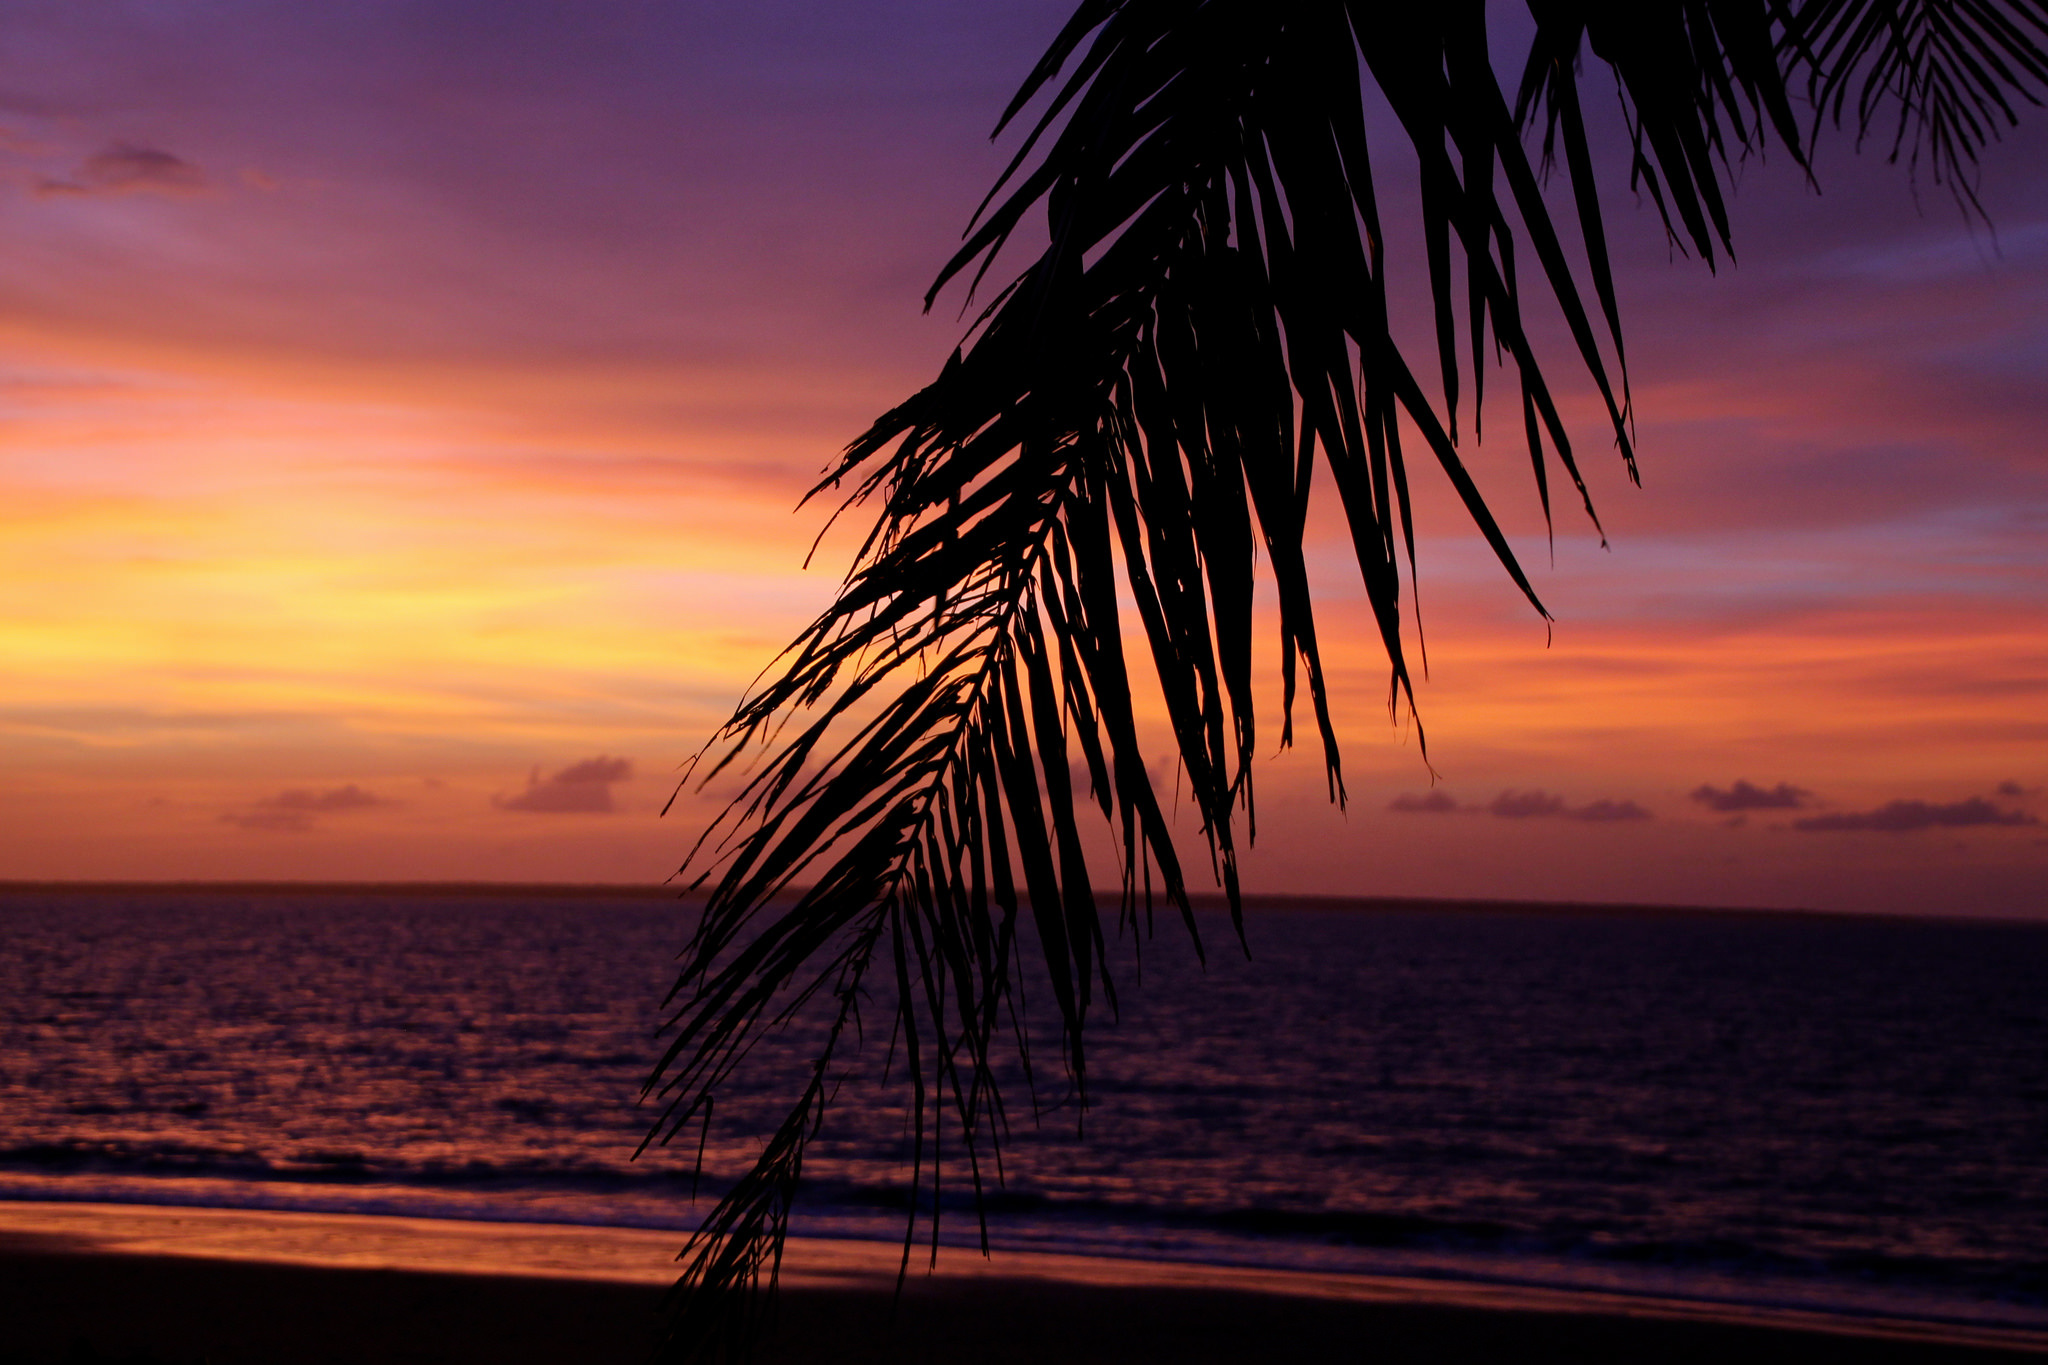 ней, красивые картинки с пальмами и закатом масок станет